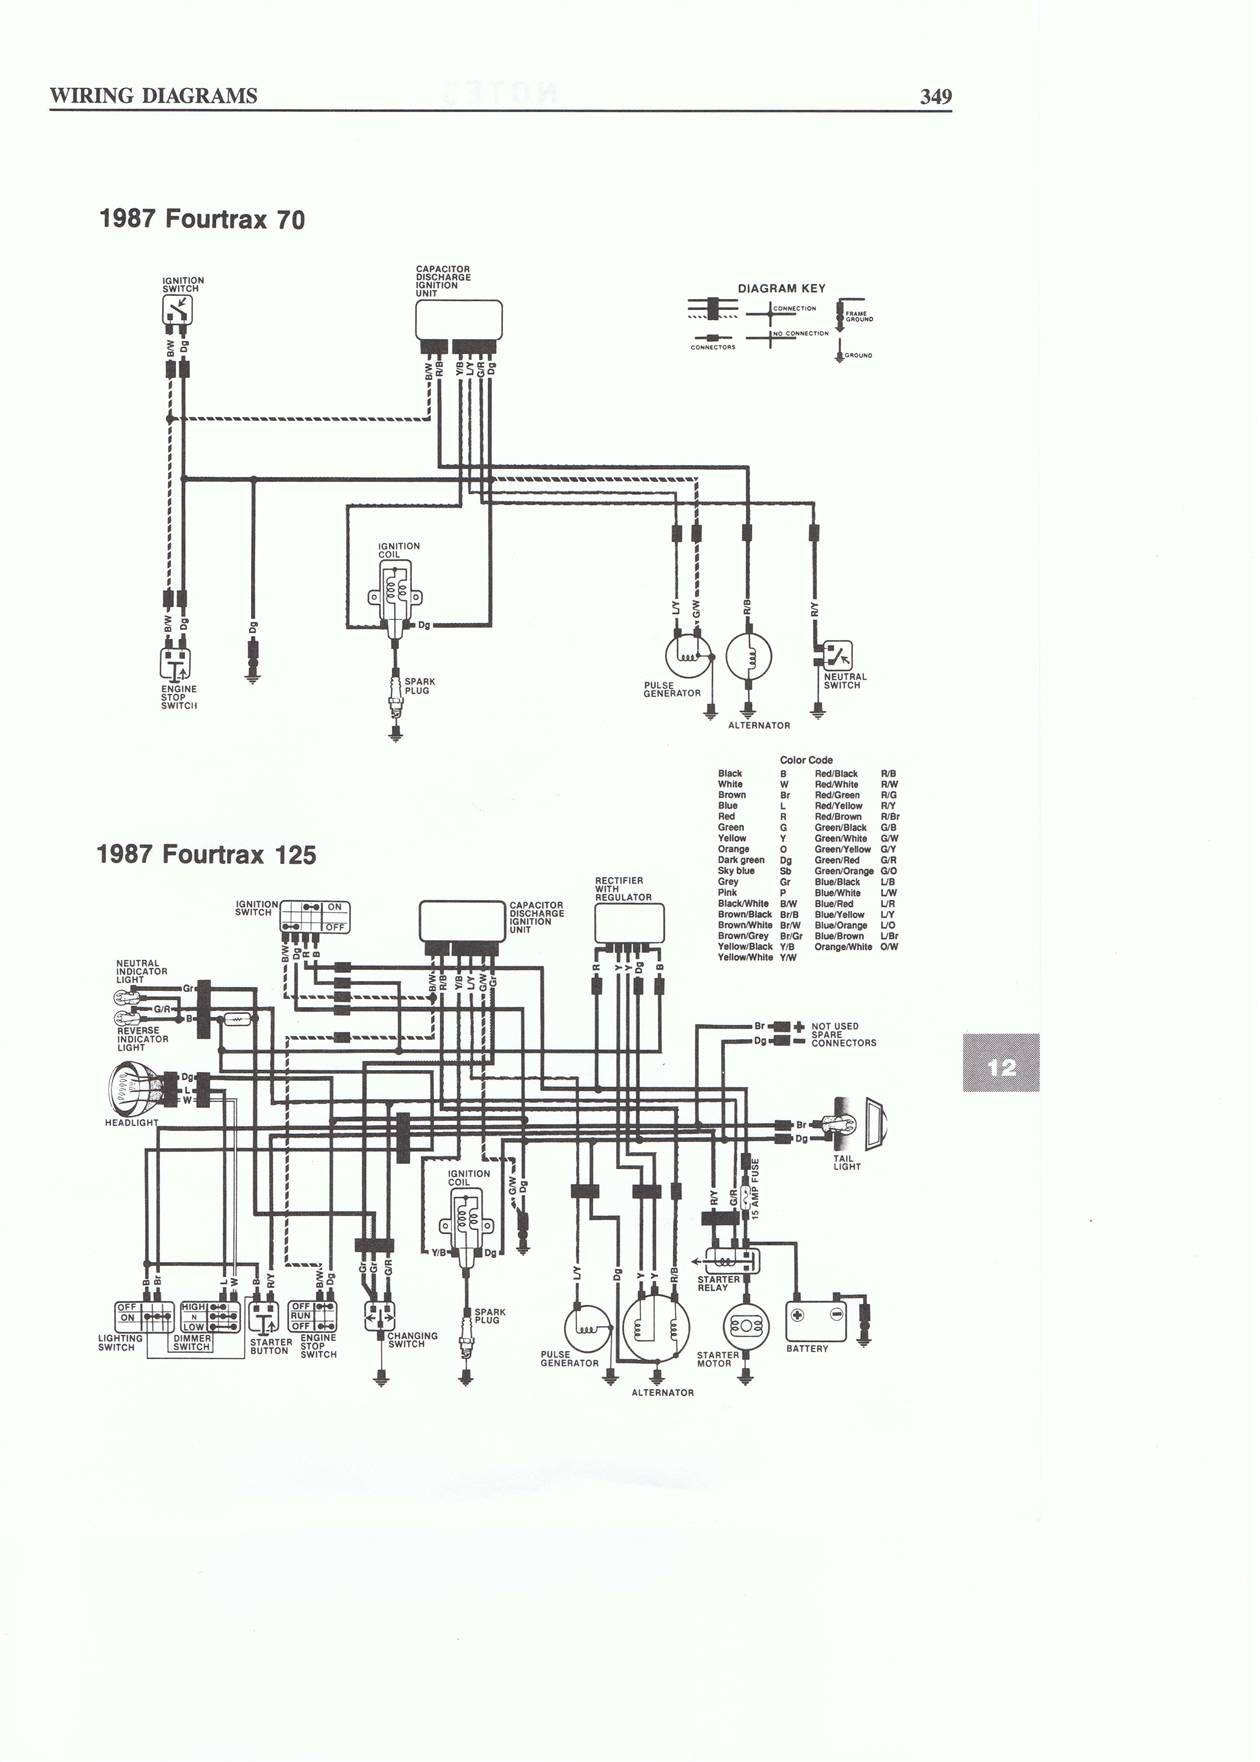 craftsman gt5000 wiring diagram wiring diagram specialtiescraftsman gt5000 wiring diagram best wiring librarycraftsman gt5000 wiring diagram [ 1260 x 1762 Pixel ]